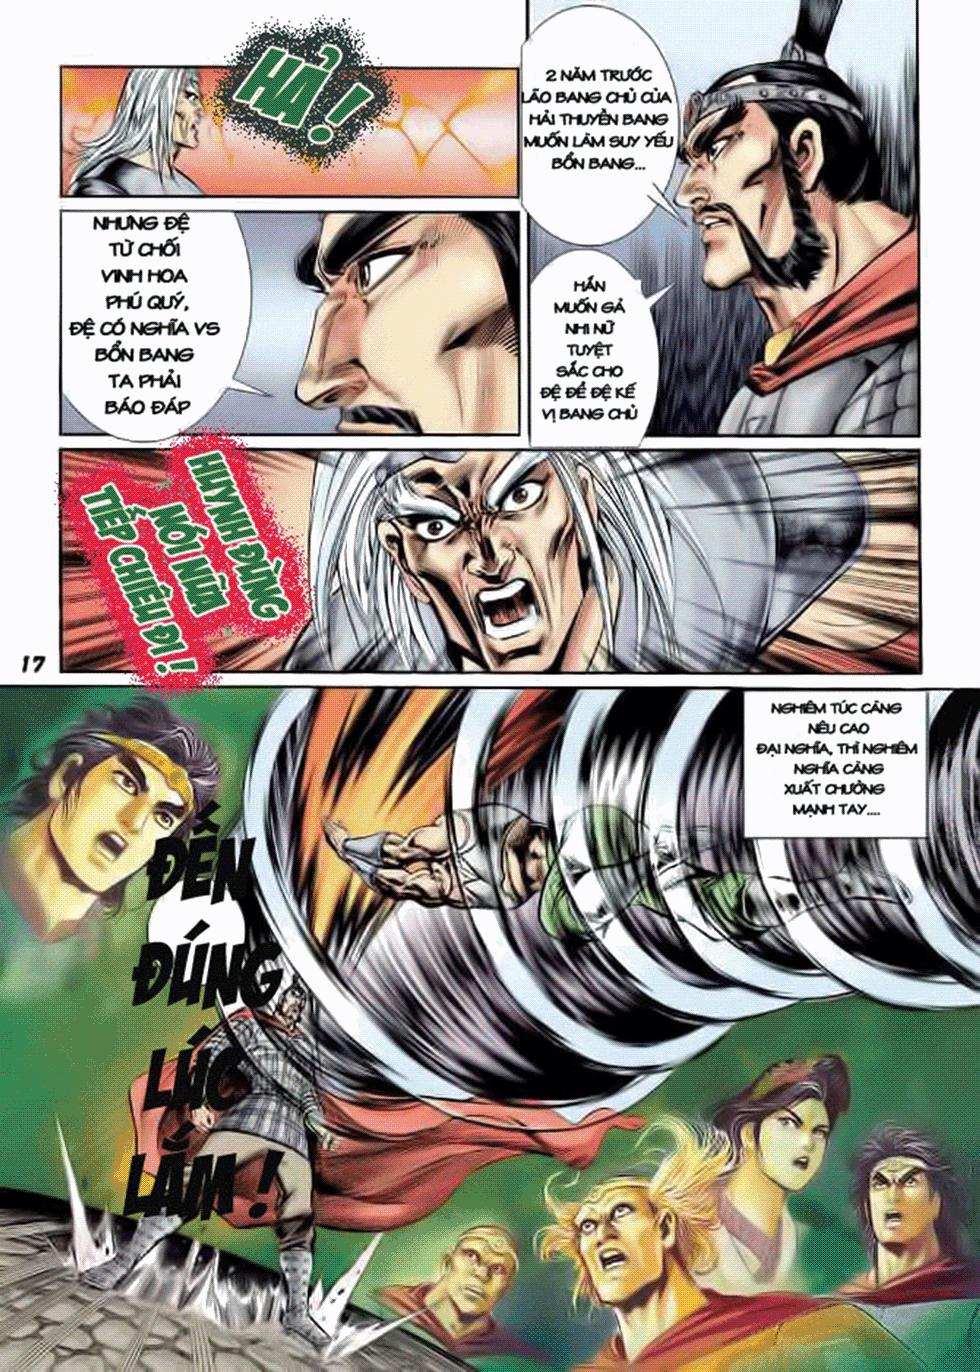 Tần Vương Doanh Chính chapter 8 trang 18